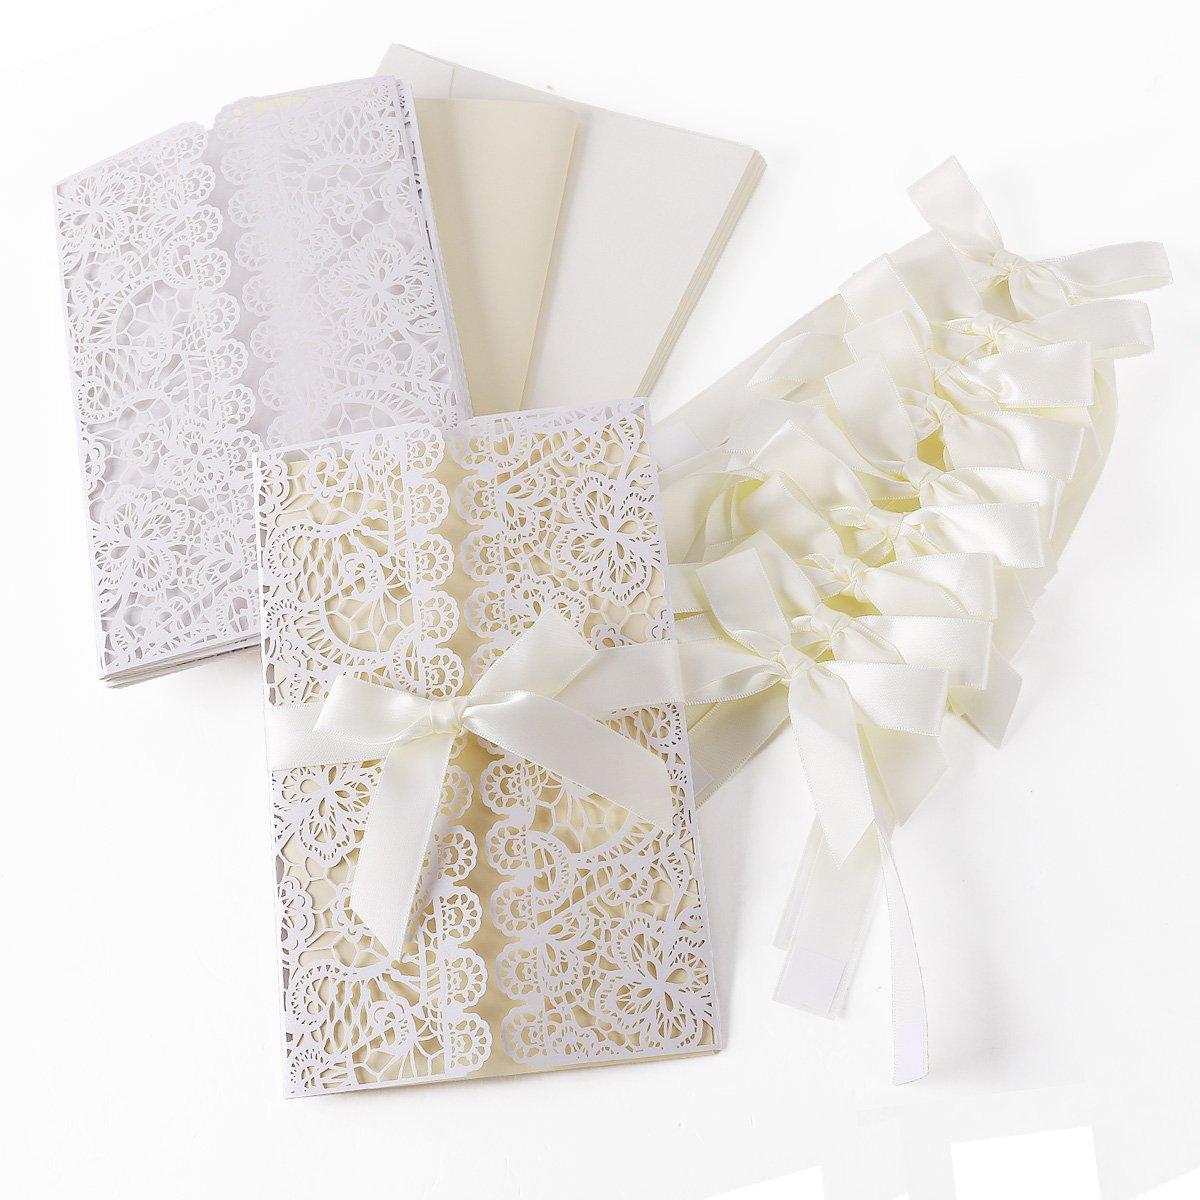 10er Einladungskarten Elegante Blume Spitze Design Set Mit Karten,  Umschläge, Einlegeblätter Zum Selbstbedrucken + Schleife Hochzeit  Geburtstag Taufe Party ...